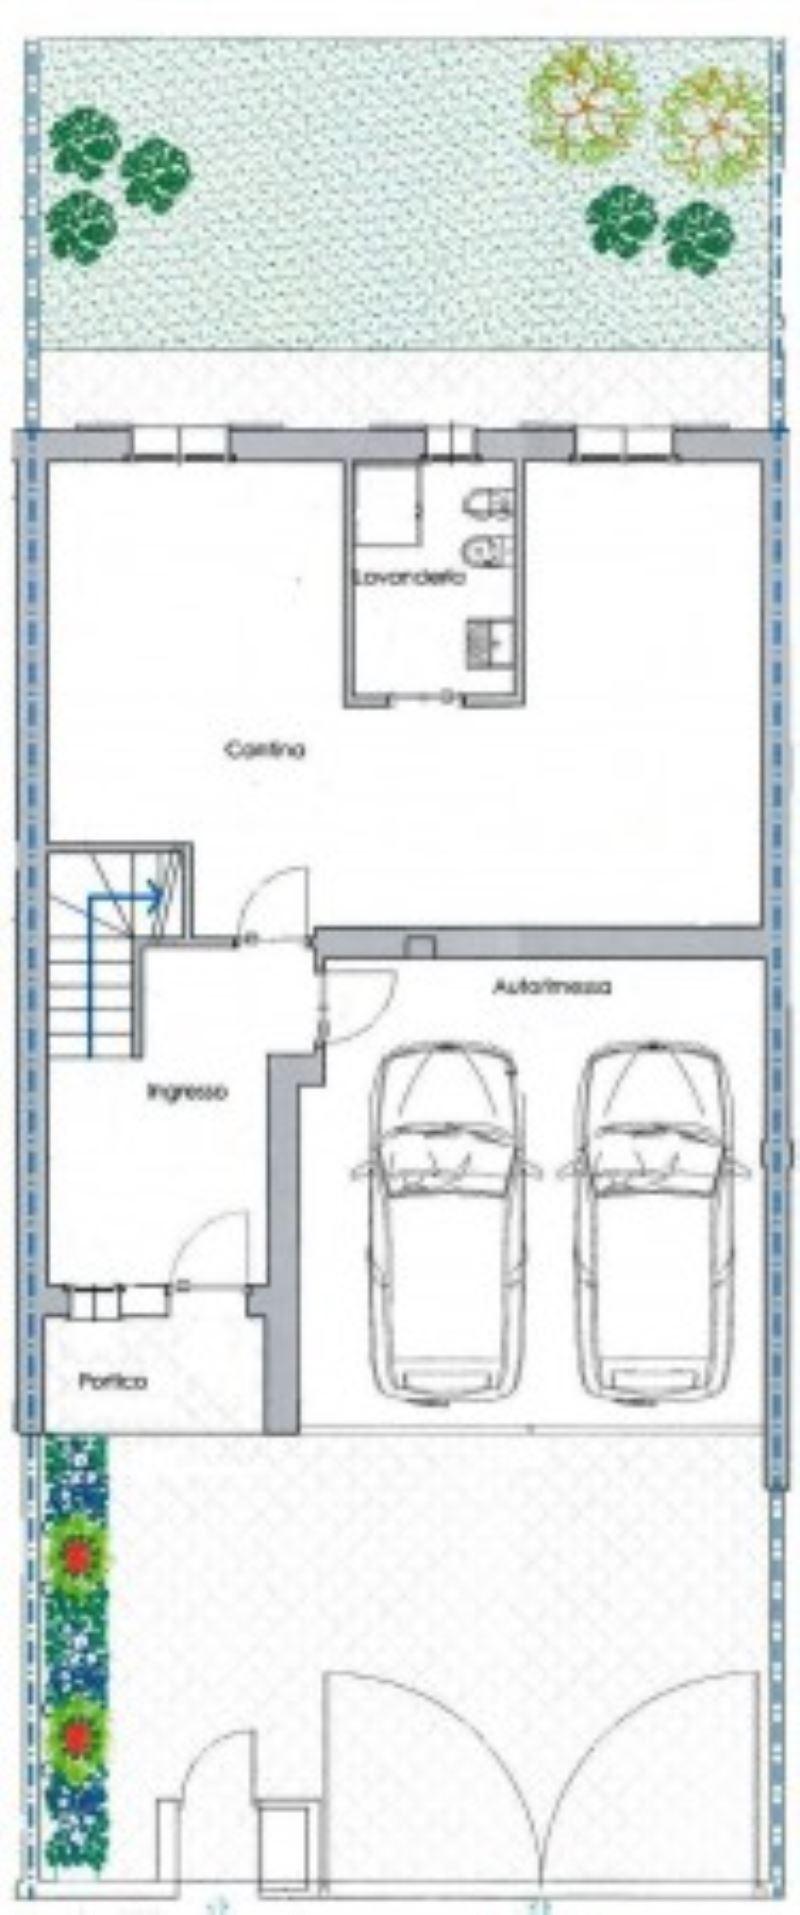 Villa in vendita a Caravaggio, 4 locali, prezzo € 268.000 | Cambio Casa.it